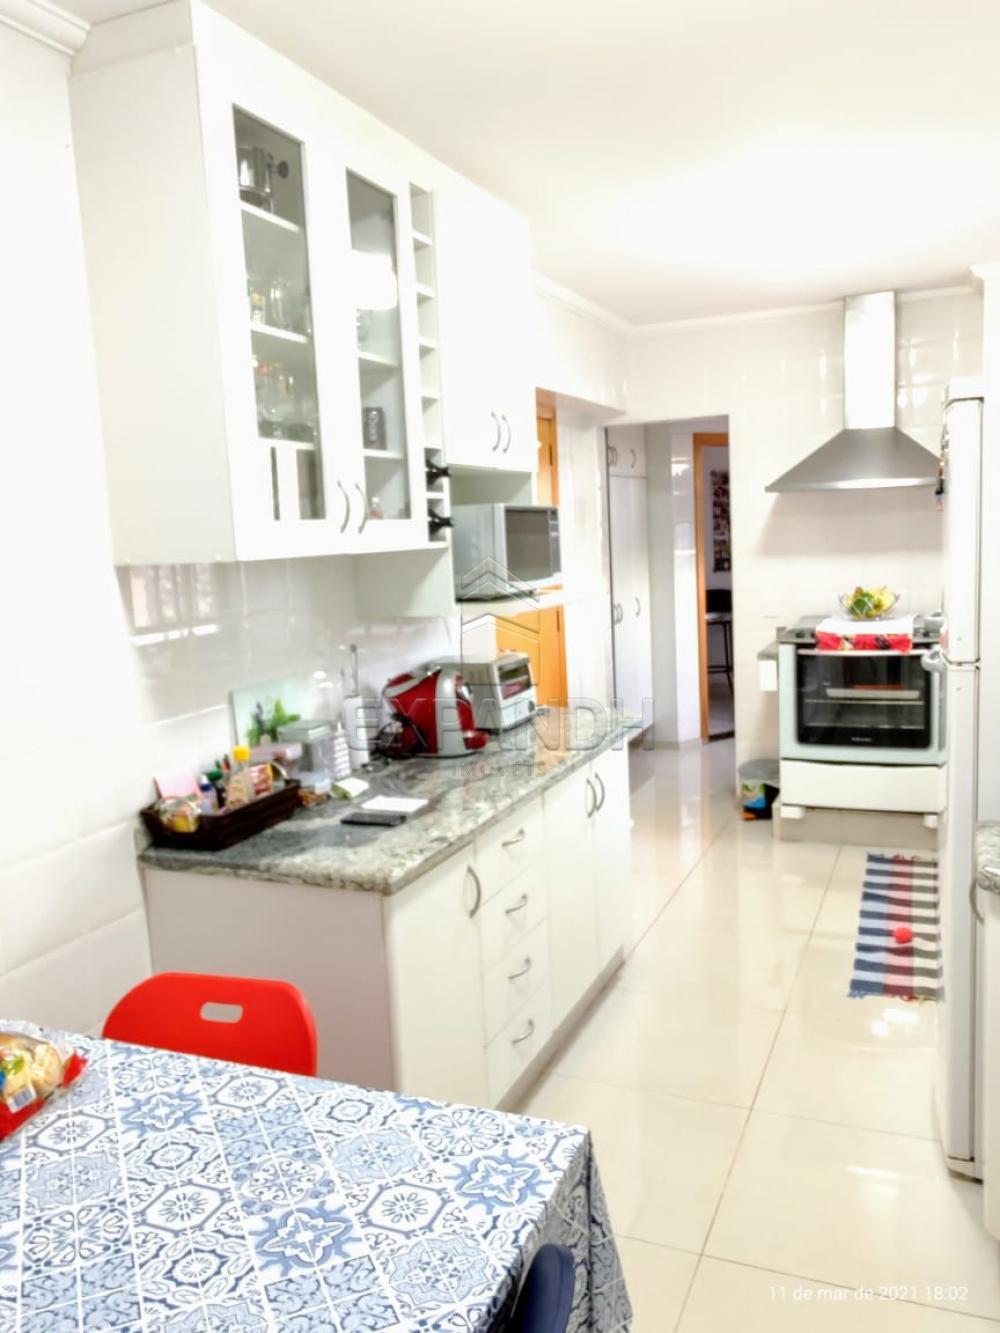 Comprar Apartamentos / Padrão em Sertãozinho R$ 590.000,00 - Foto 8